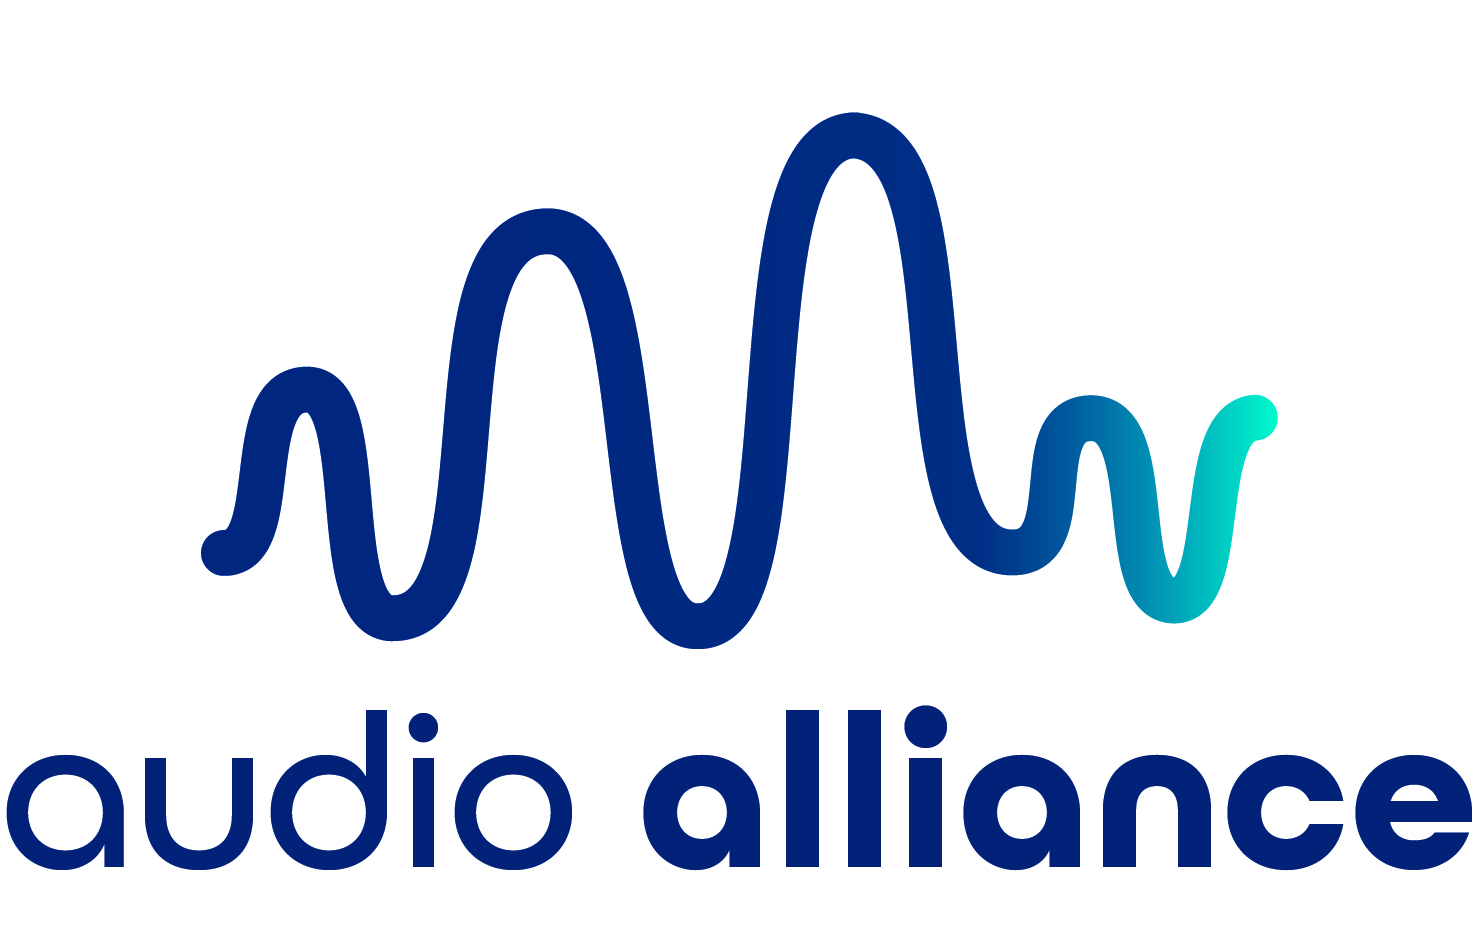 audioalliance.de